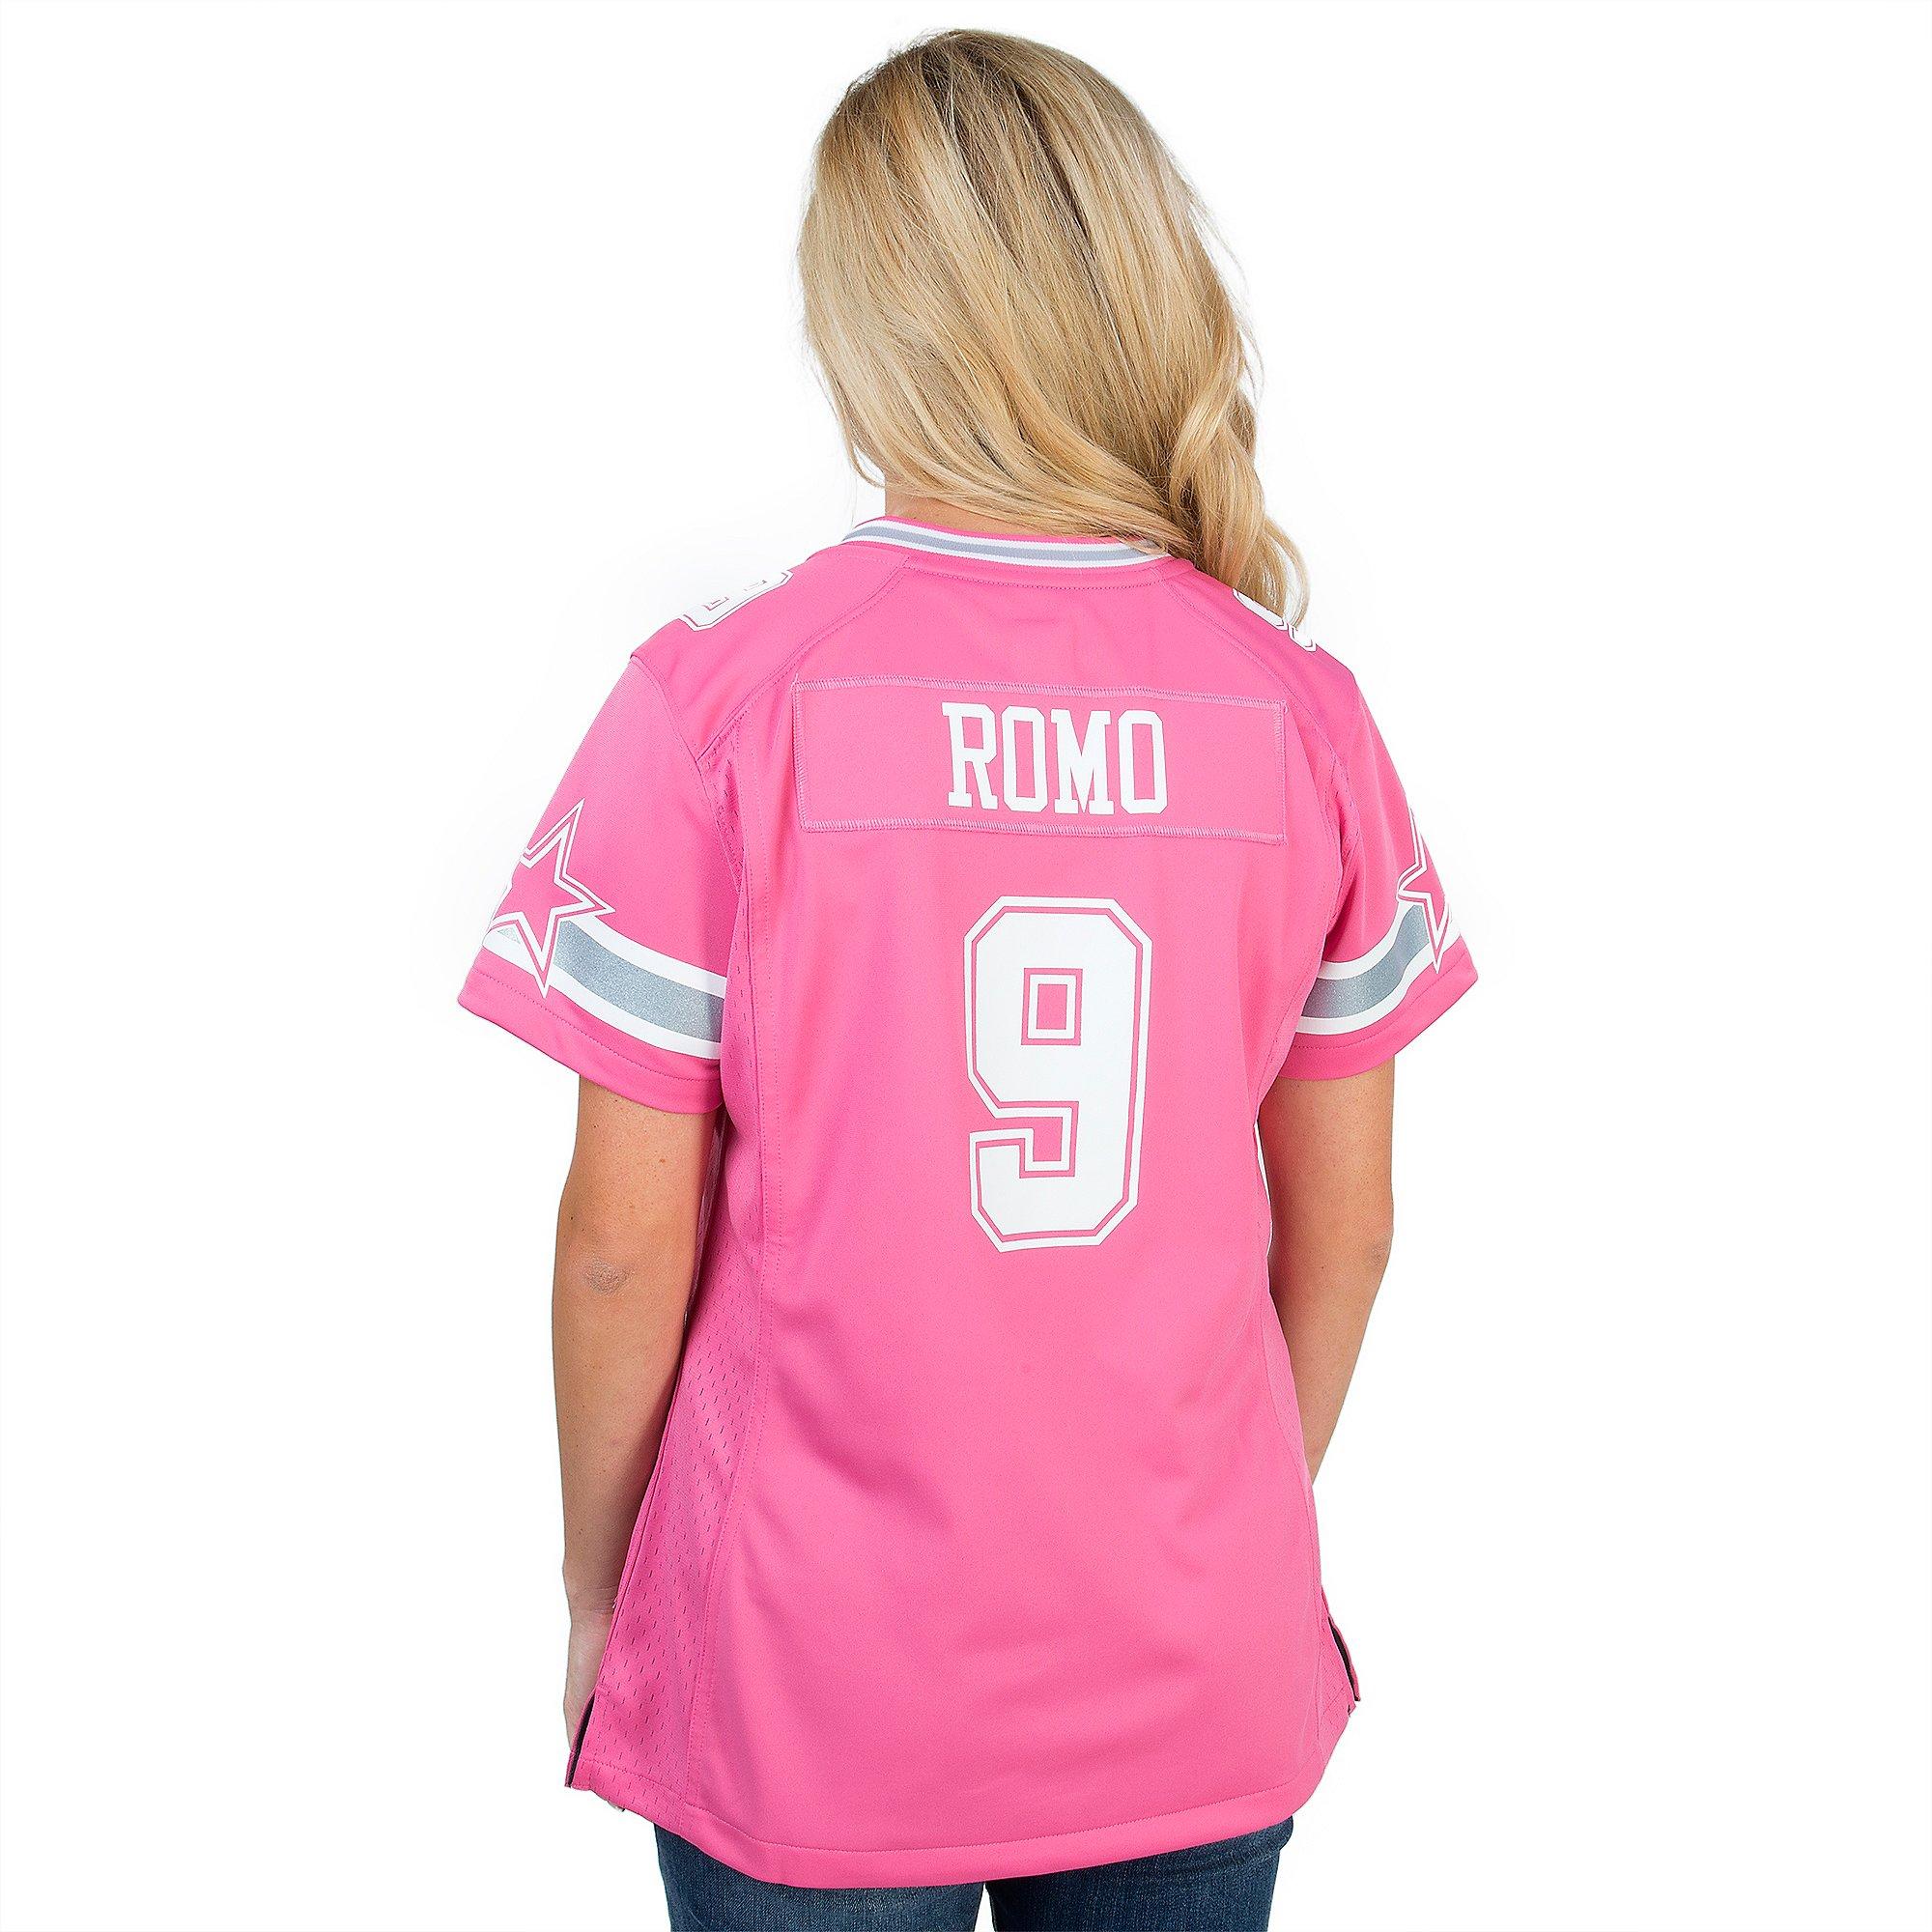 Dallas Cowboys Women's Tony Romo #9 Pink Jersey   Dallas Cowboys ...